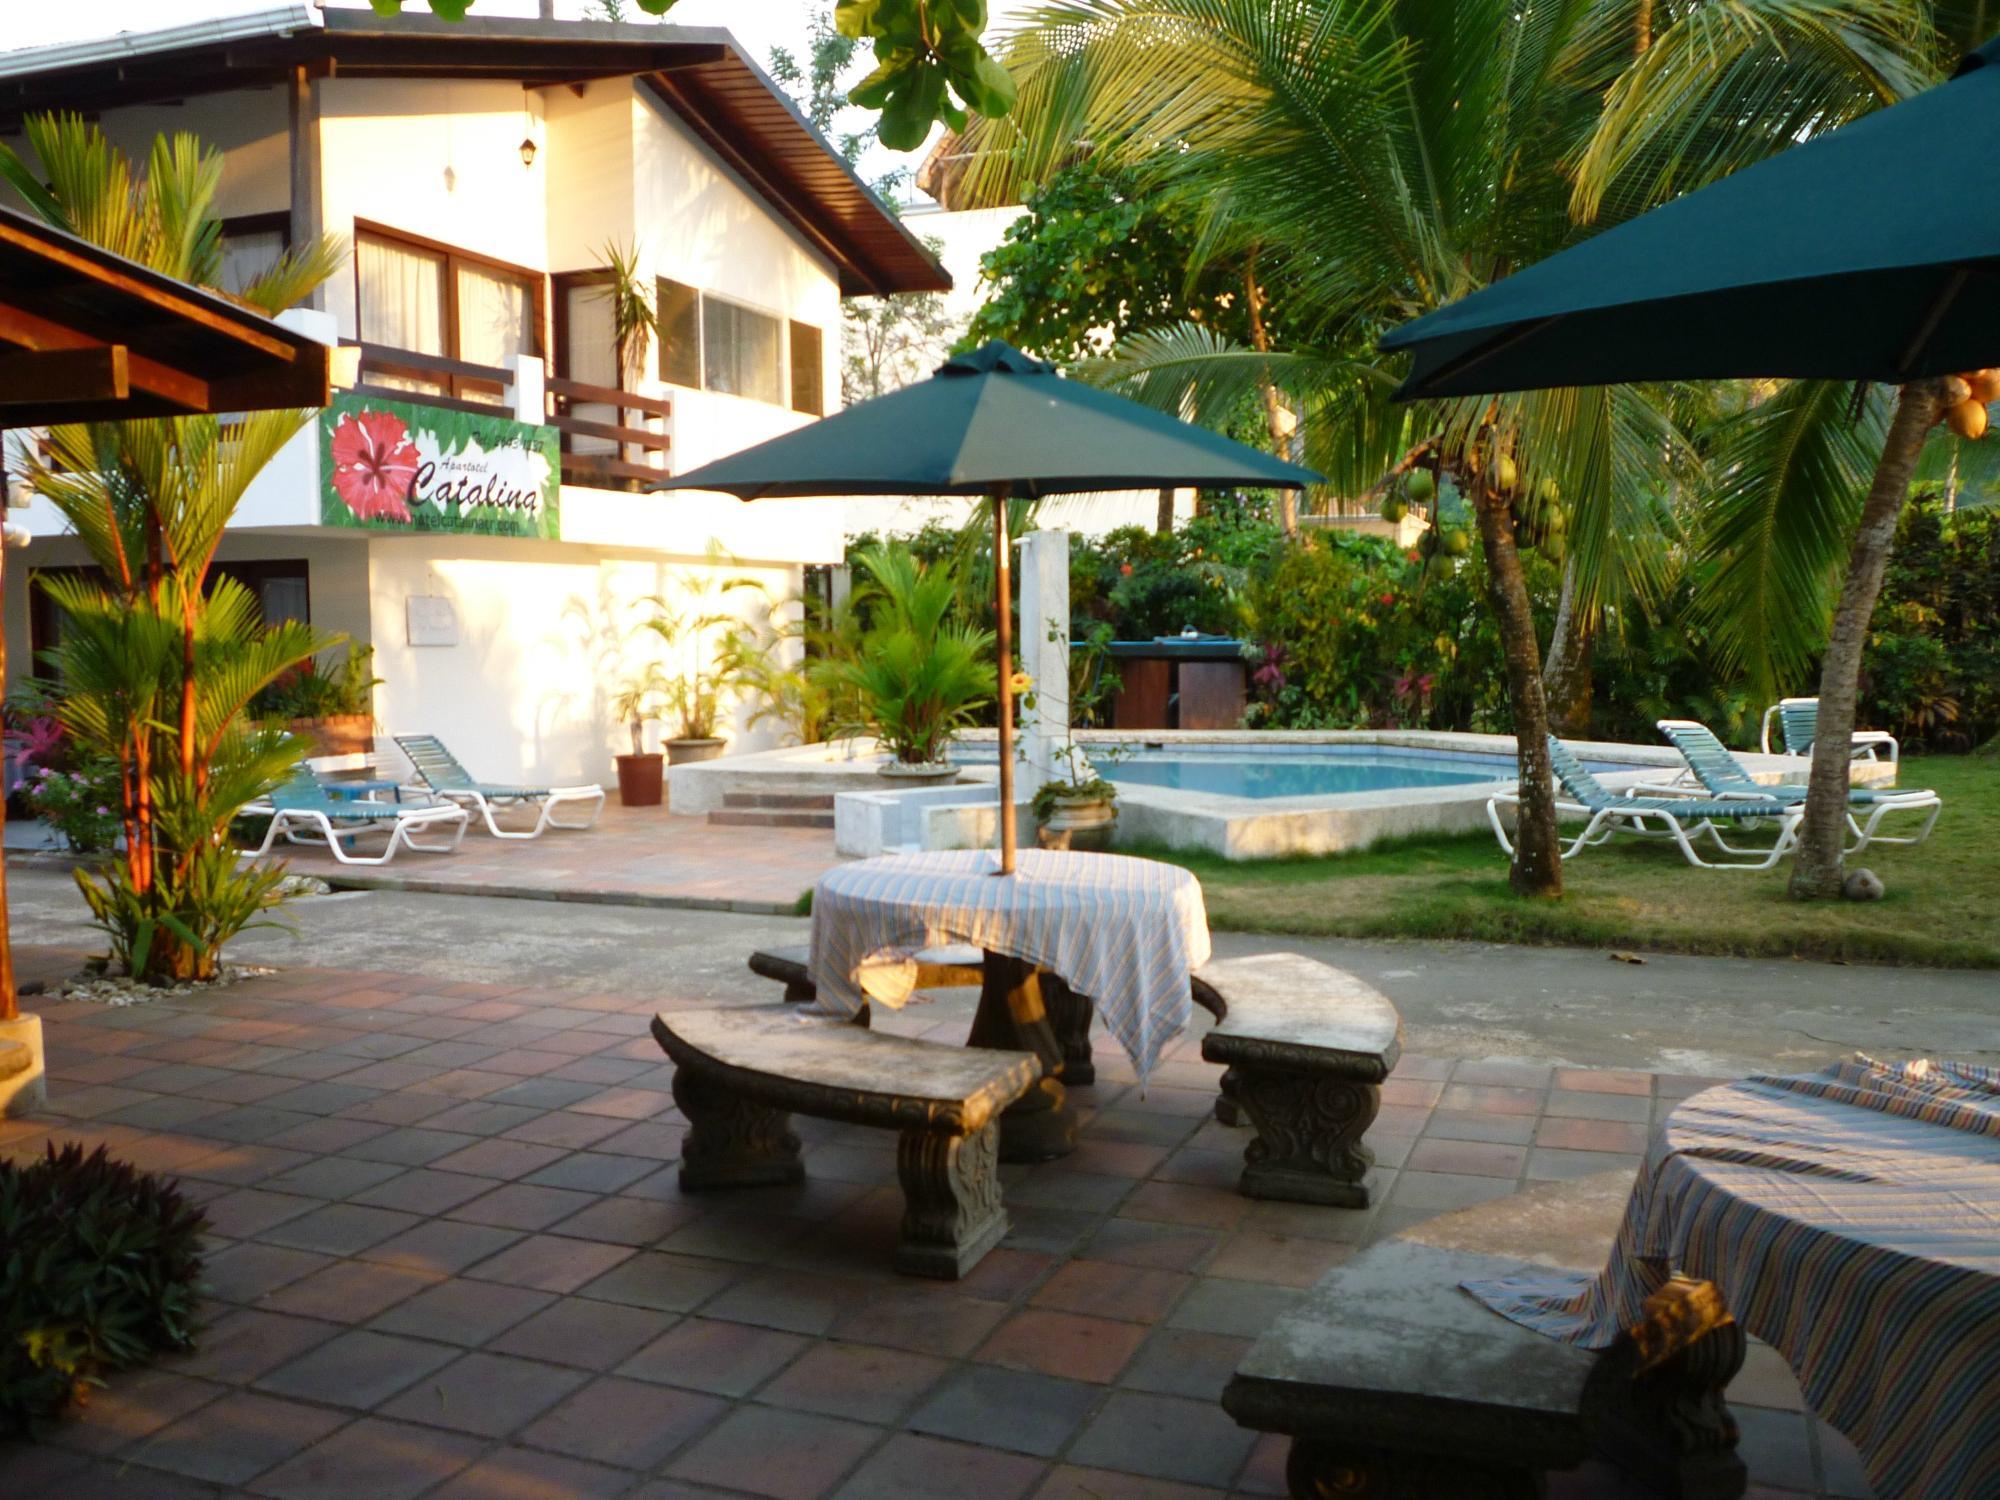 Hotel Catalina